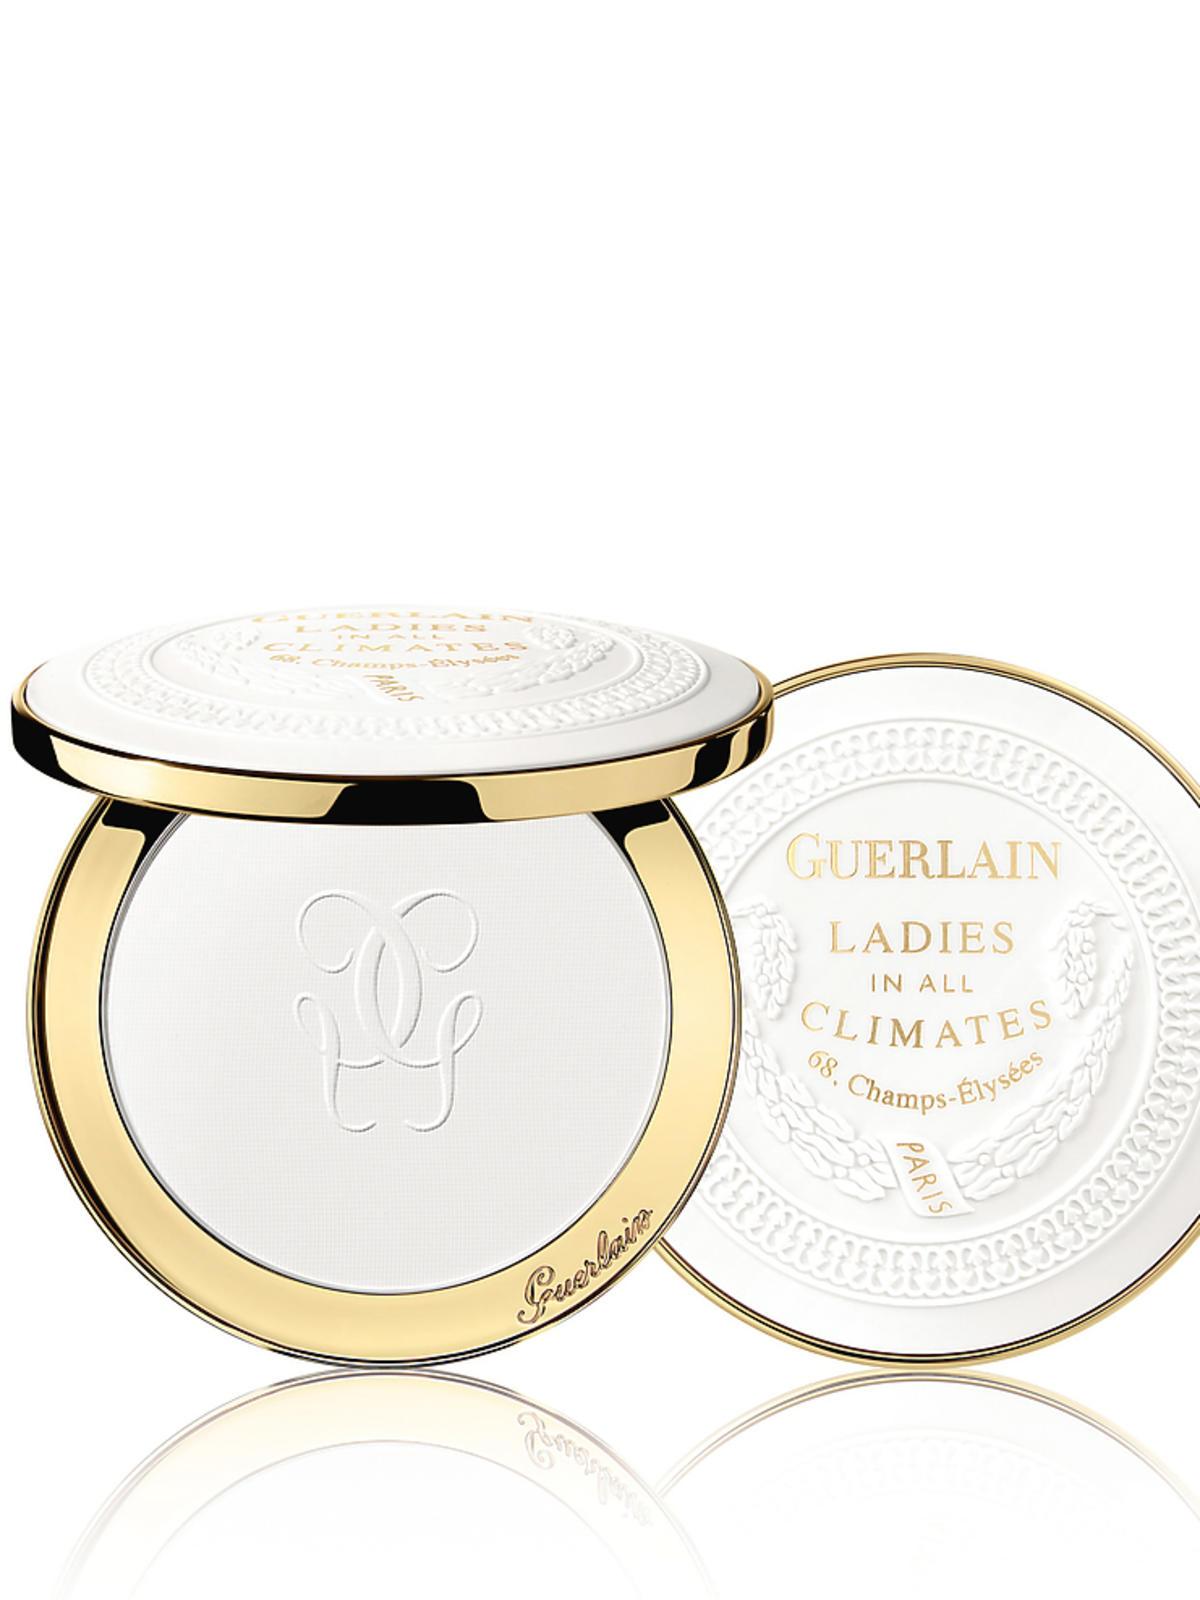 Ladies In All Climates Uniwersalny puder rozświetlający, matujący; zapewnia rozmyty efekt blur; edycja limitowana; 745 zł